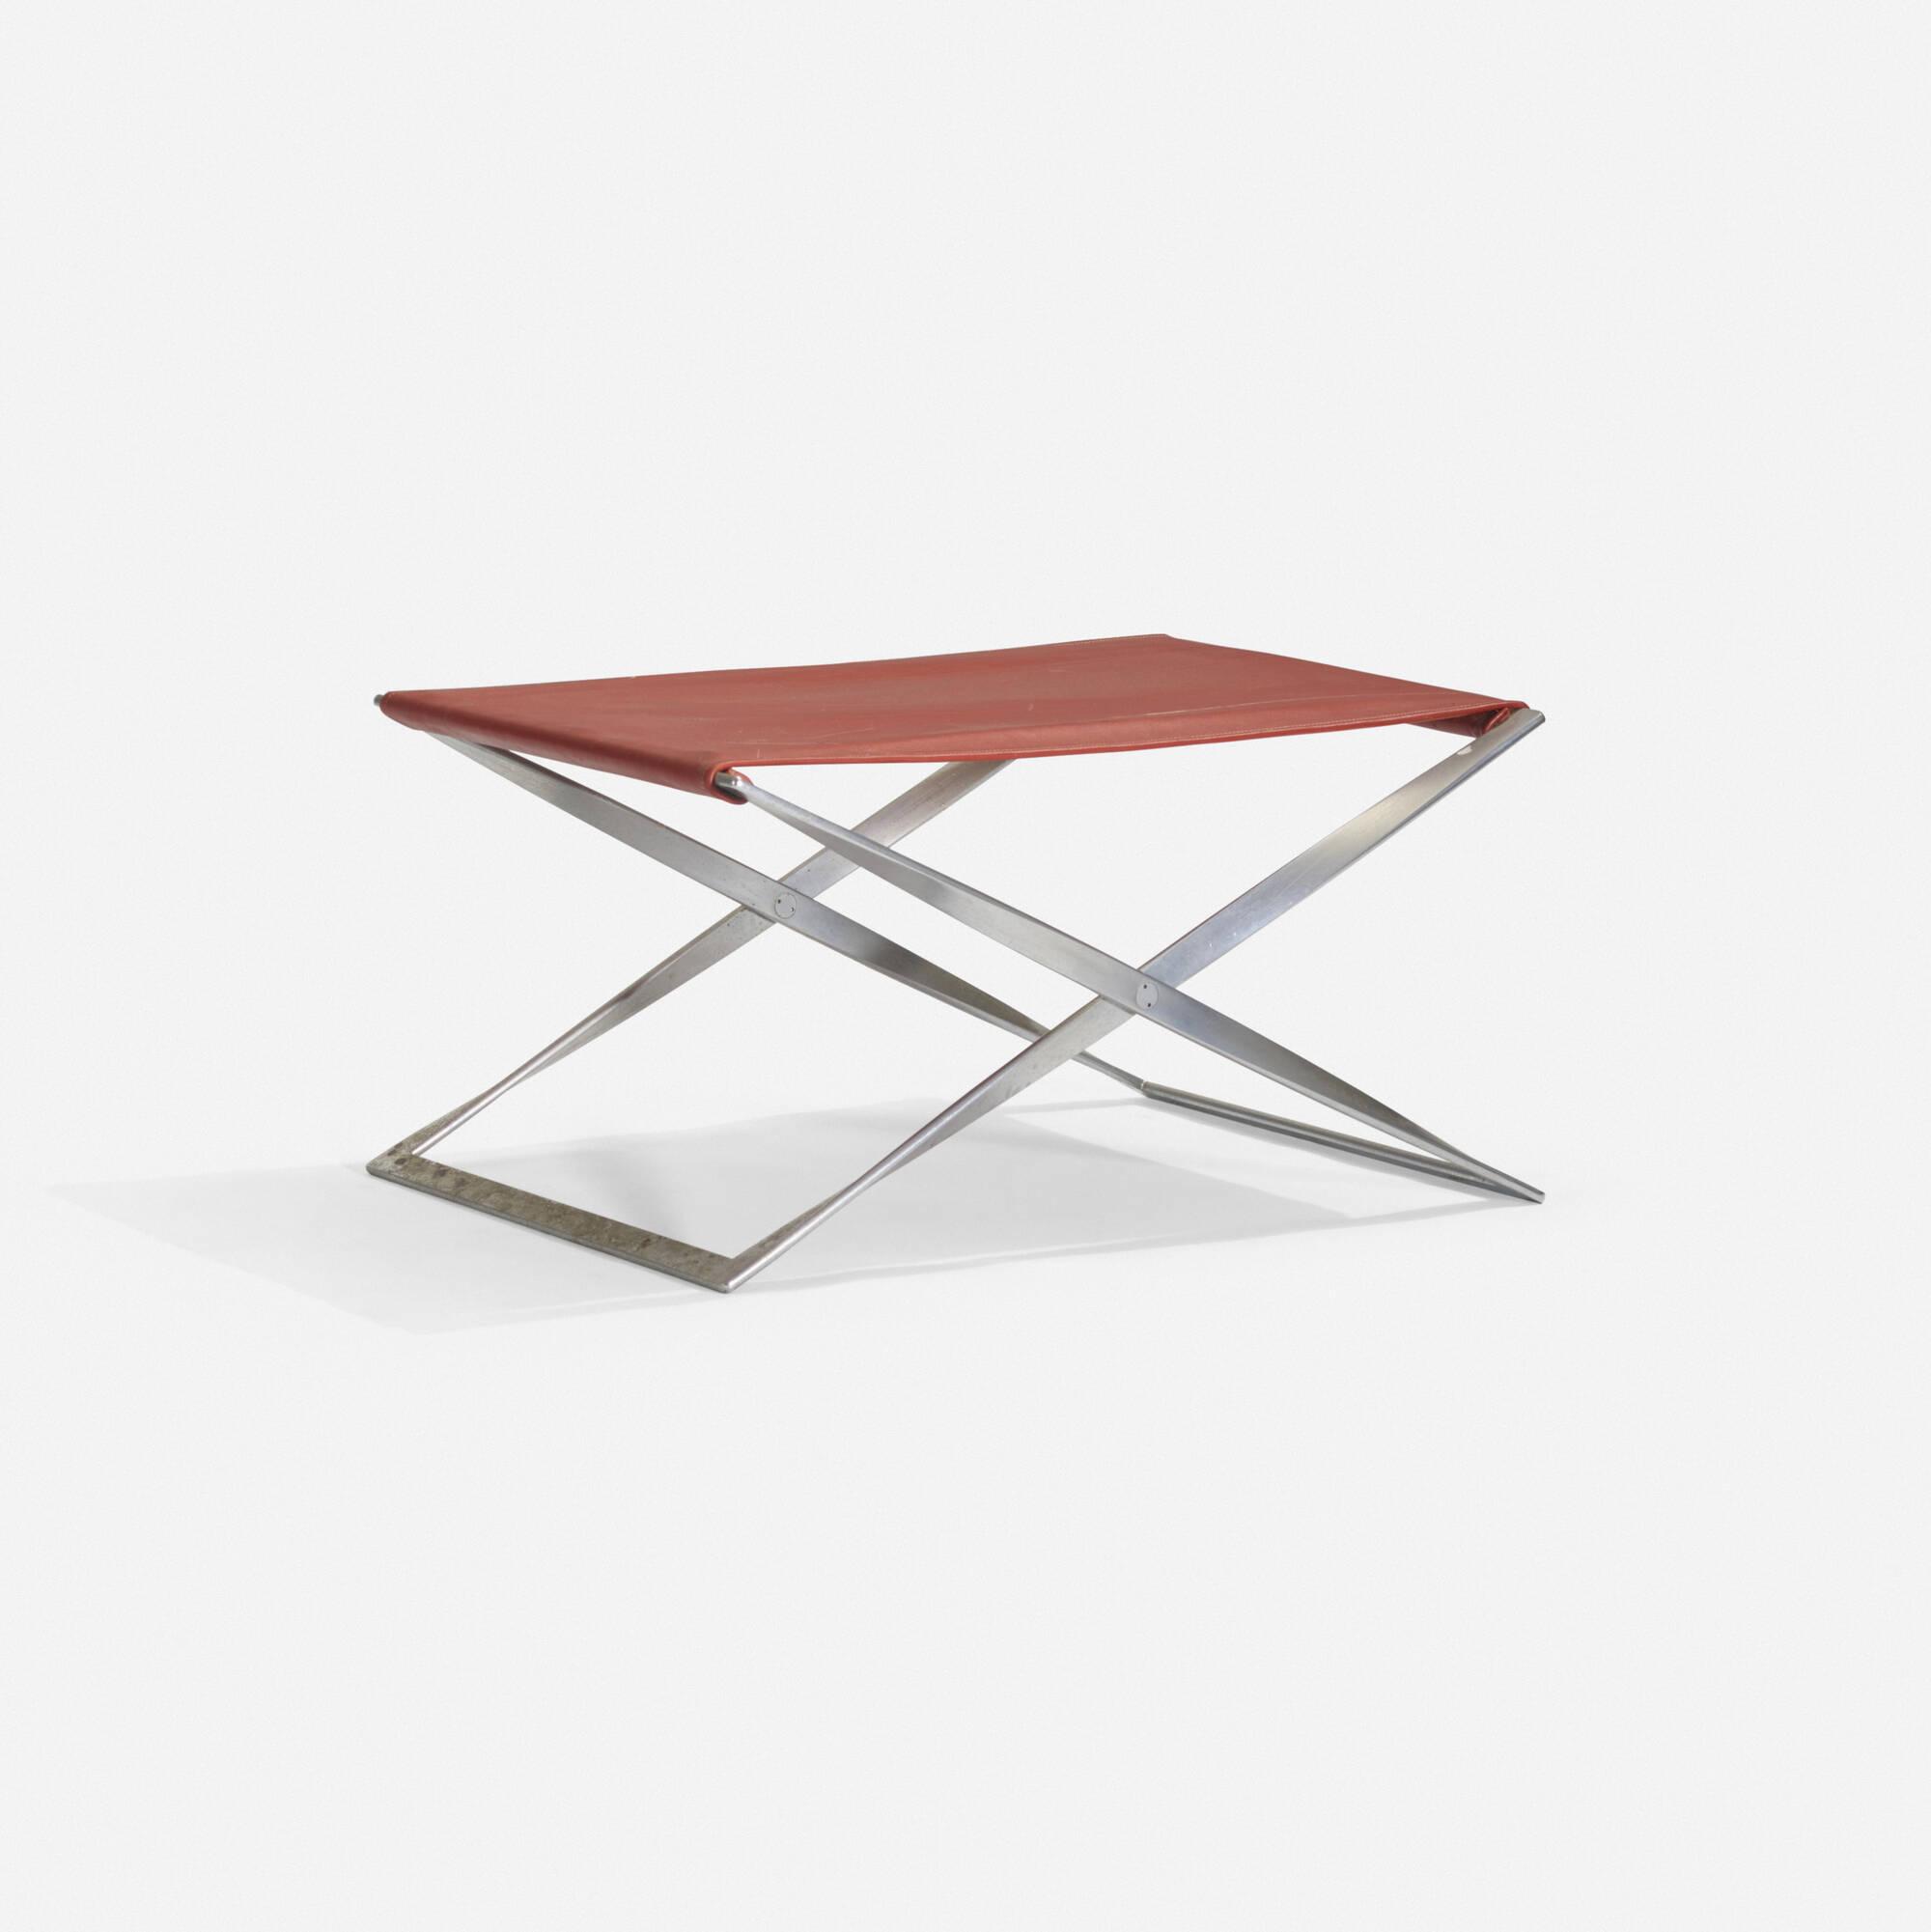 124: Poul Kjaerholm / PK 91 stool (1 of 2)